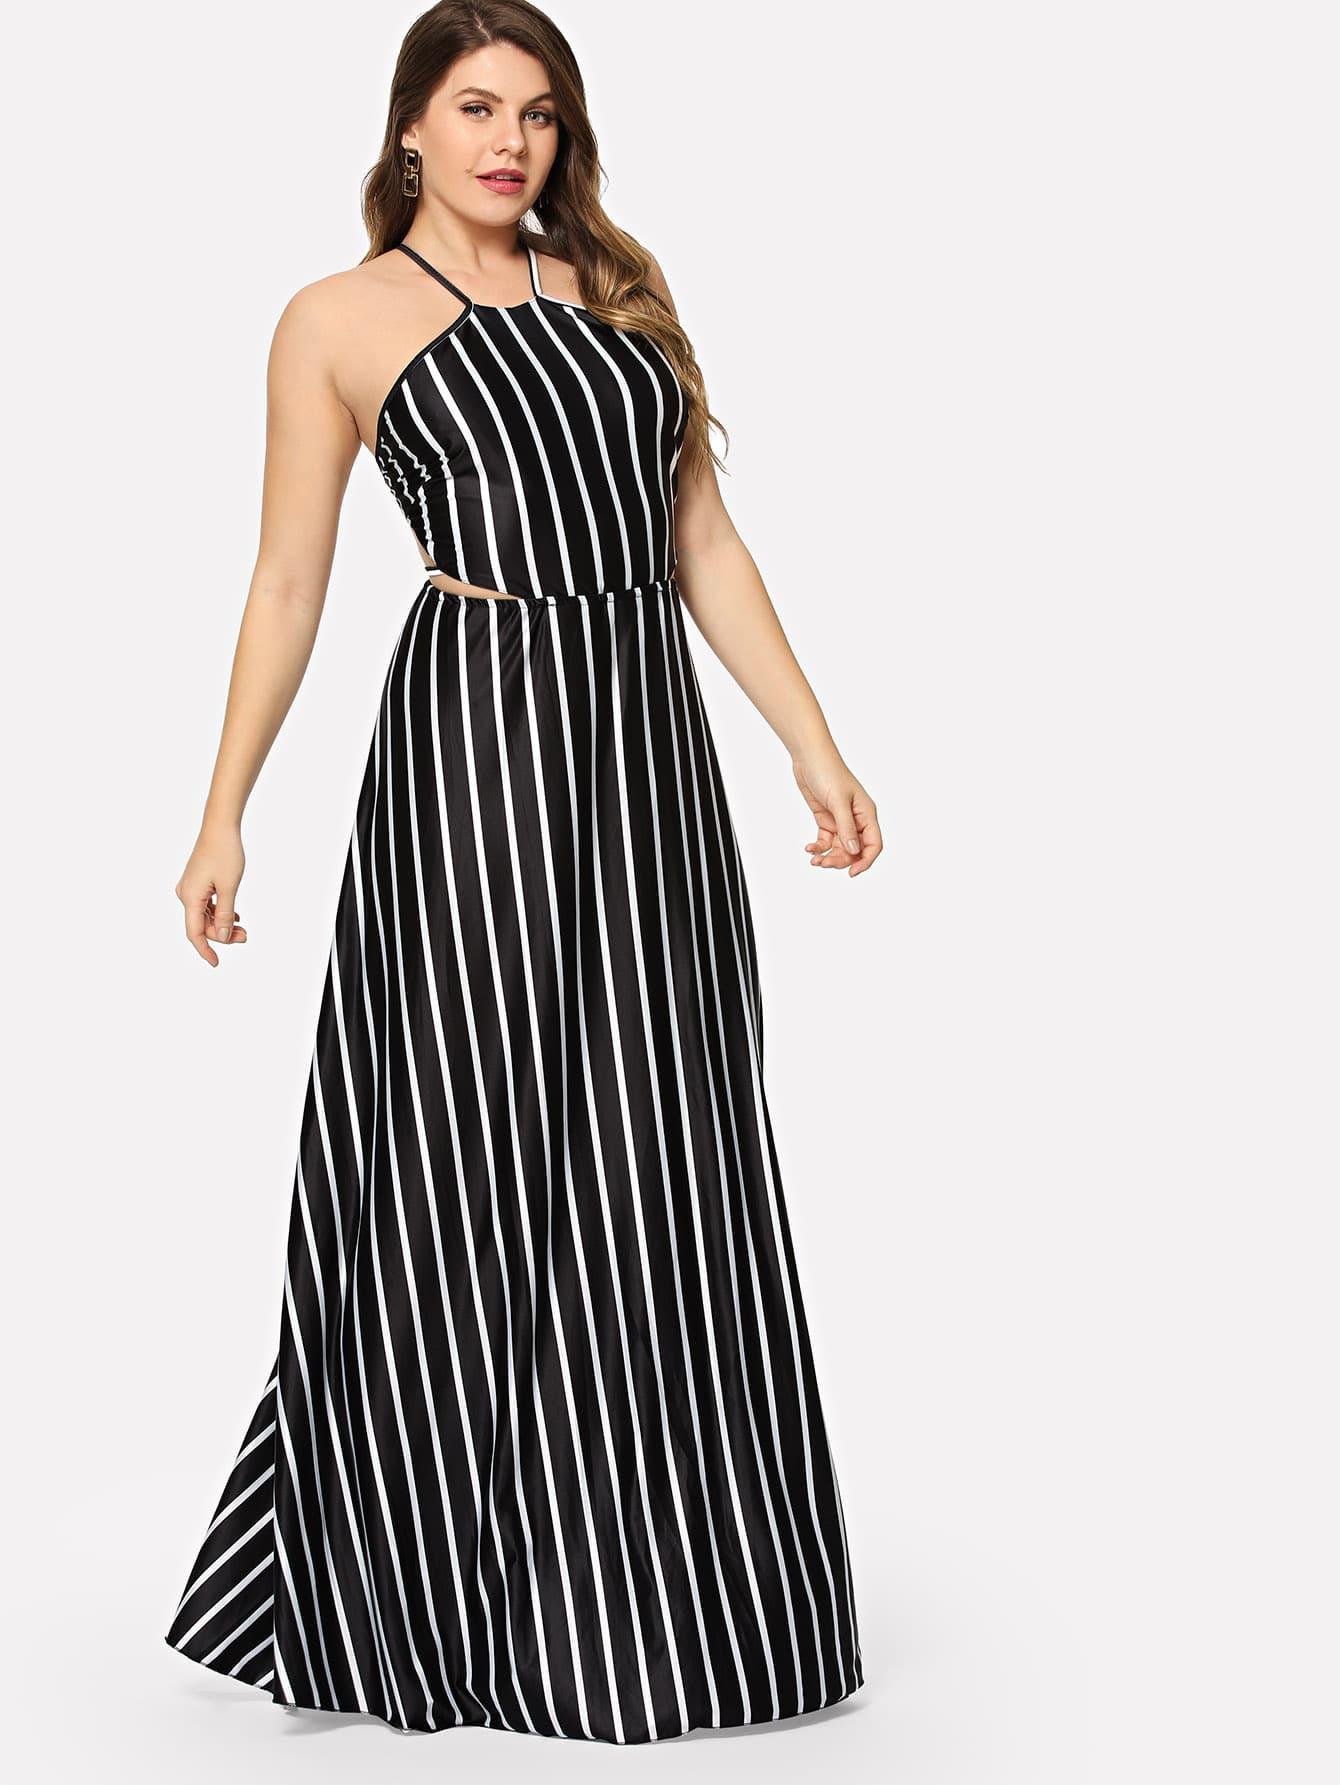 Платье для выпускного платья Halter Neck Striped